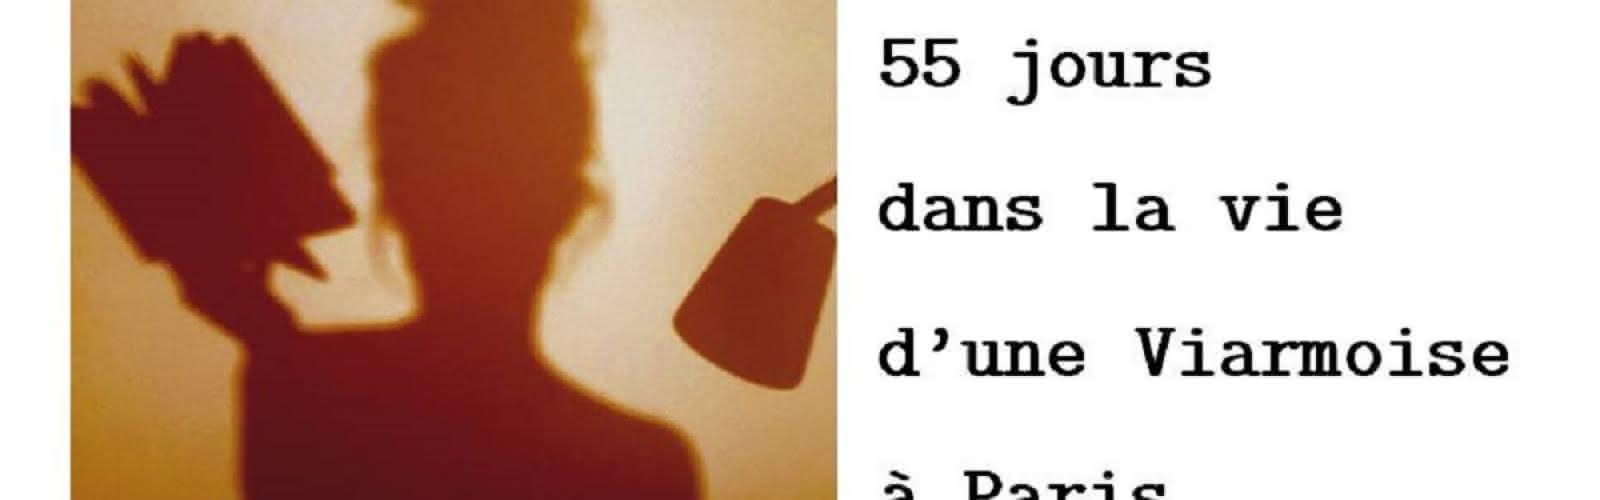 Journal d'un confinement - Musée d'Histoire Locale de Viarmes